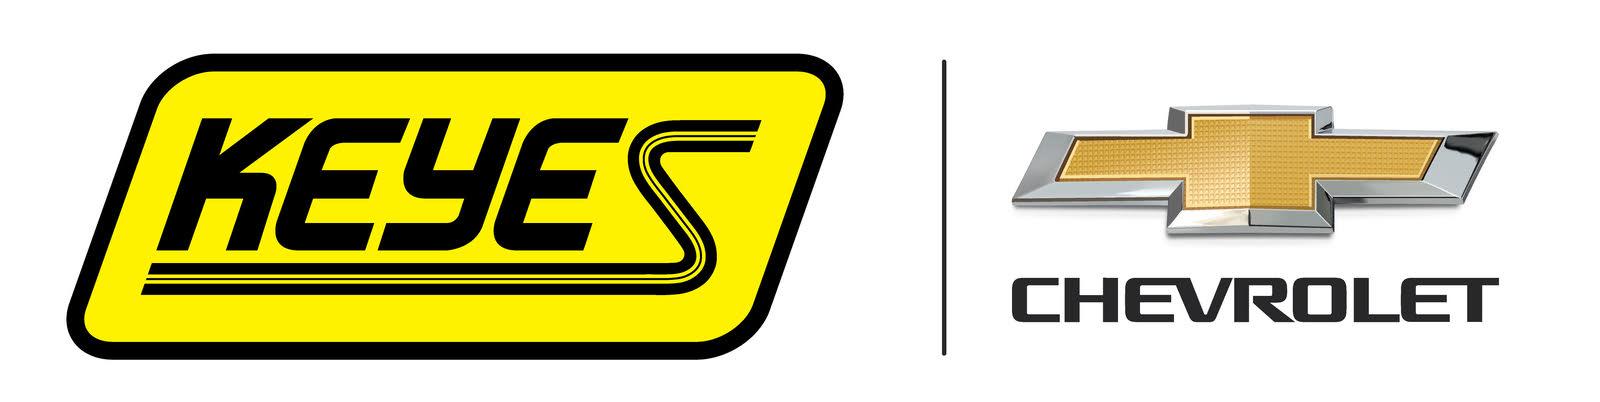 Acura Van Nuys >> Keyes Chevrolet - Van Nuys, CA: Read Consumer reviews ...